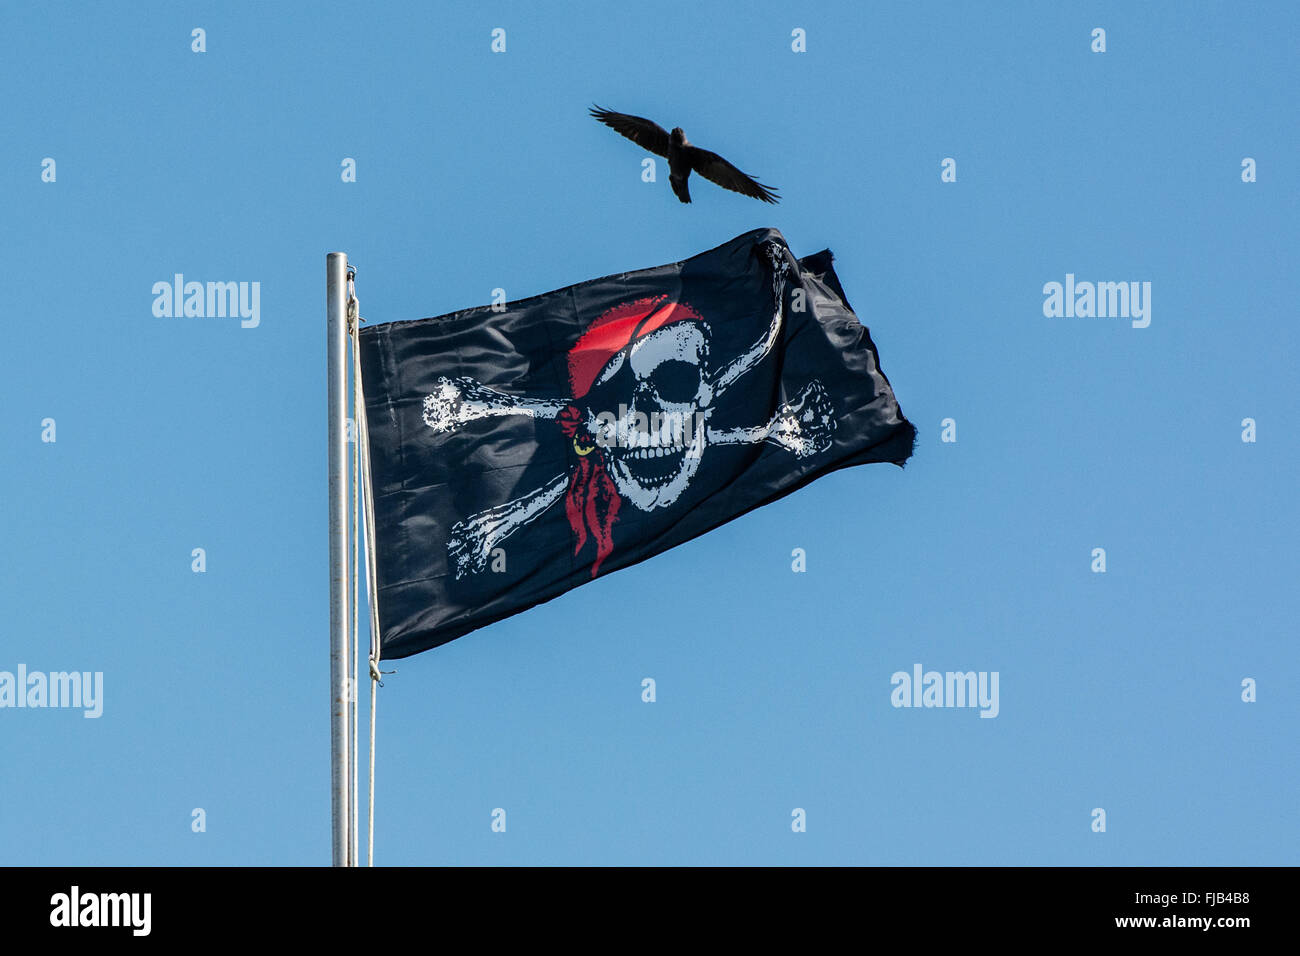 Pirate Jolly Roger bandiera battenti bandiera sul palo con crow battenti Immagini Stock